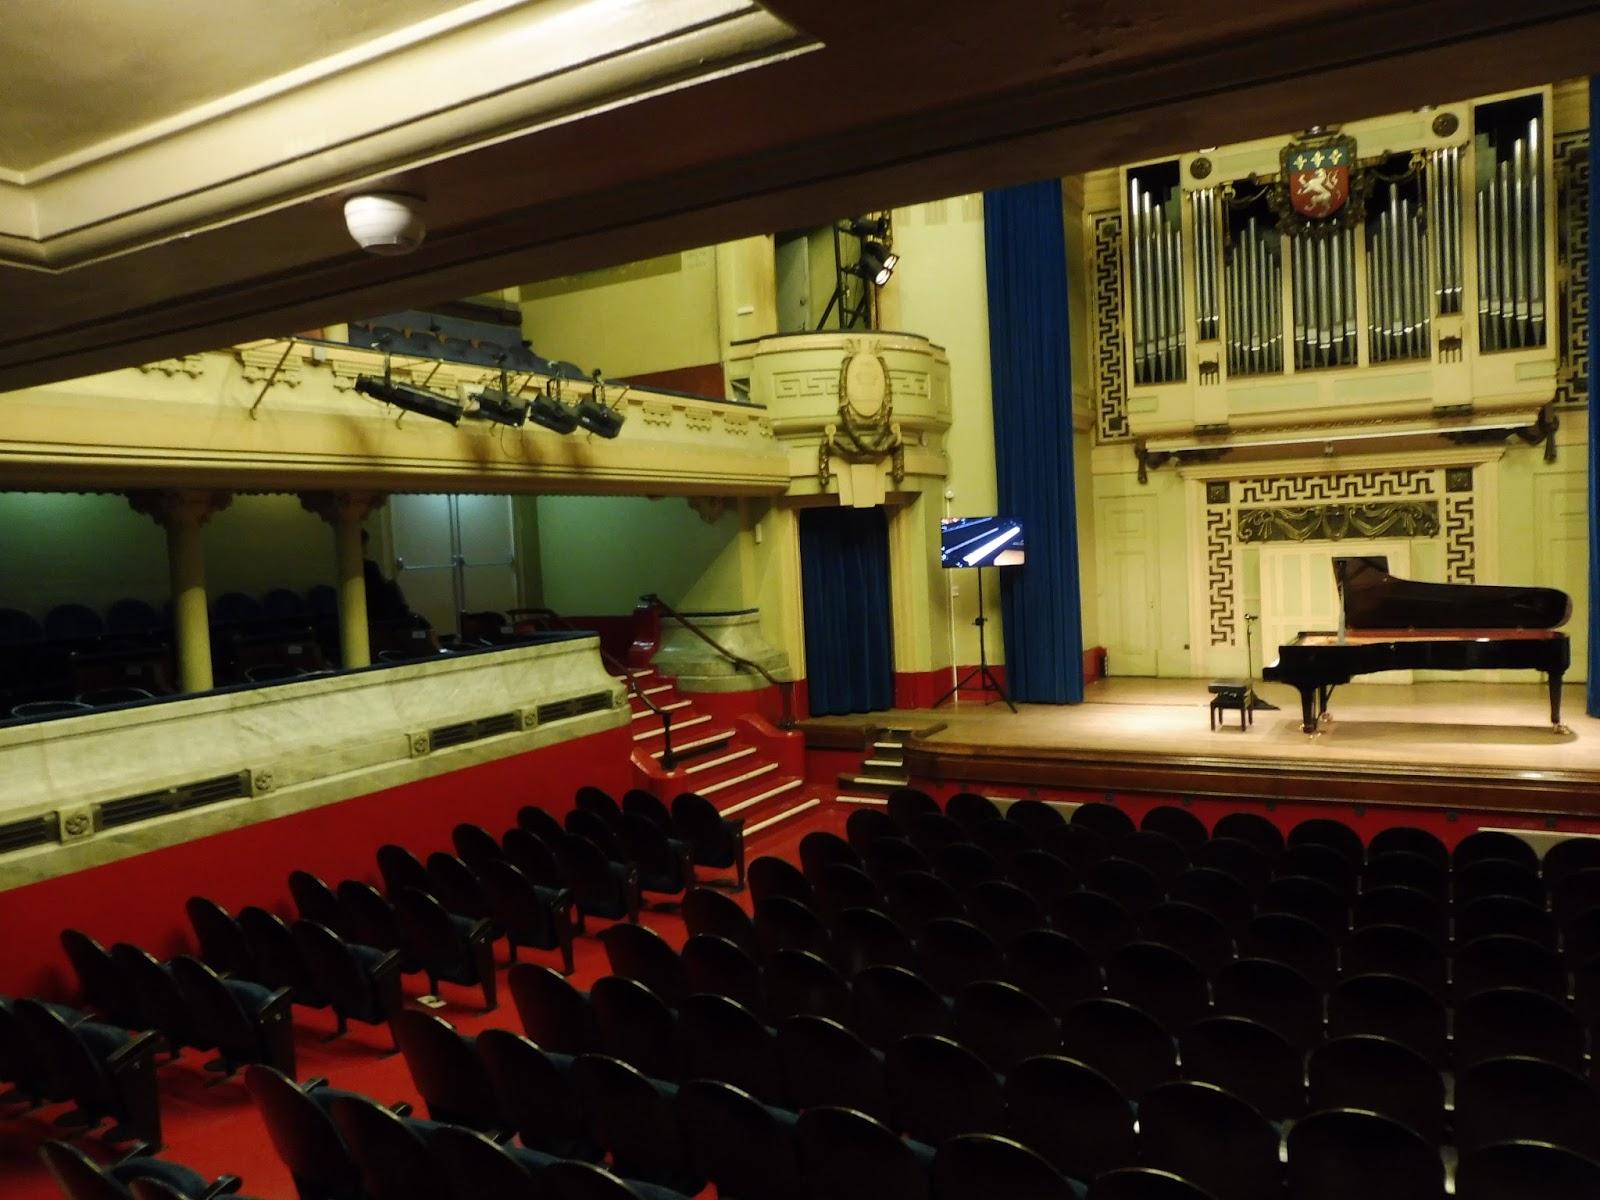 Khatia Buniatishvili A La Salle Moliere Dans Le Cadre De Piano A